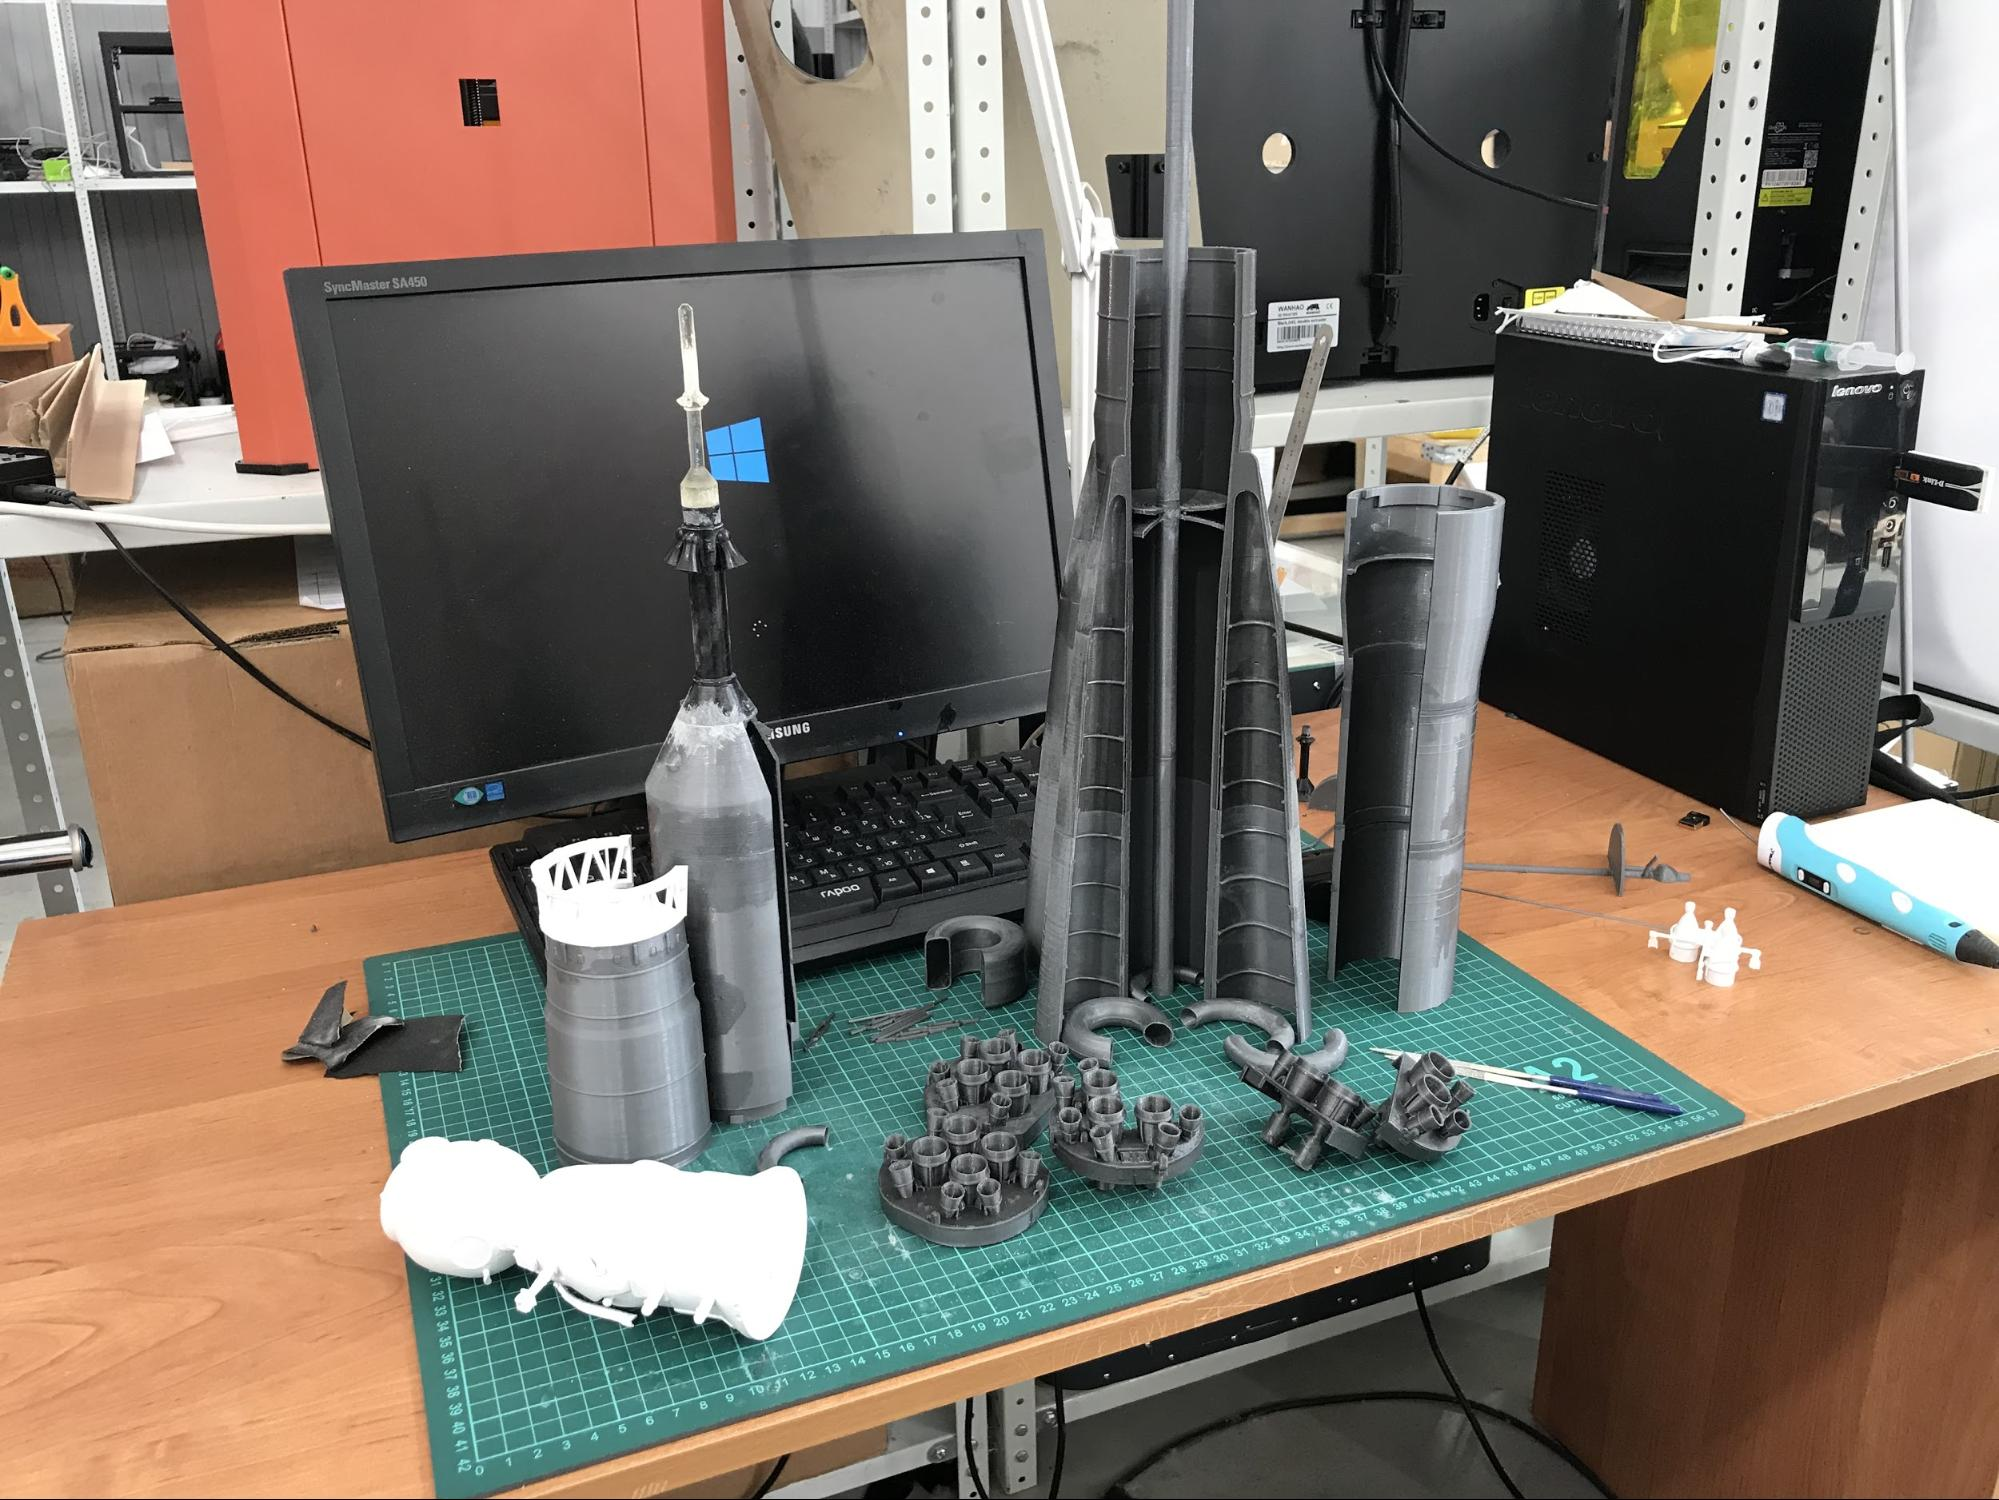 Как мы делали макеты космической техники для Московского авиационного института - 4